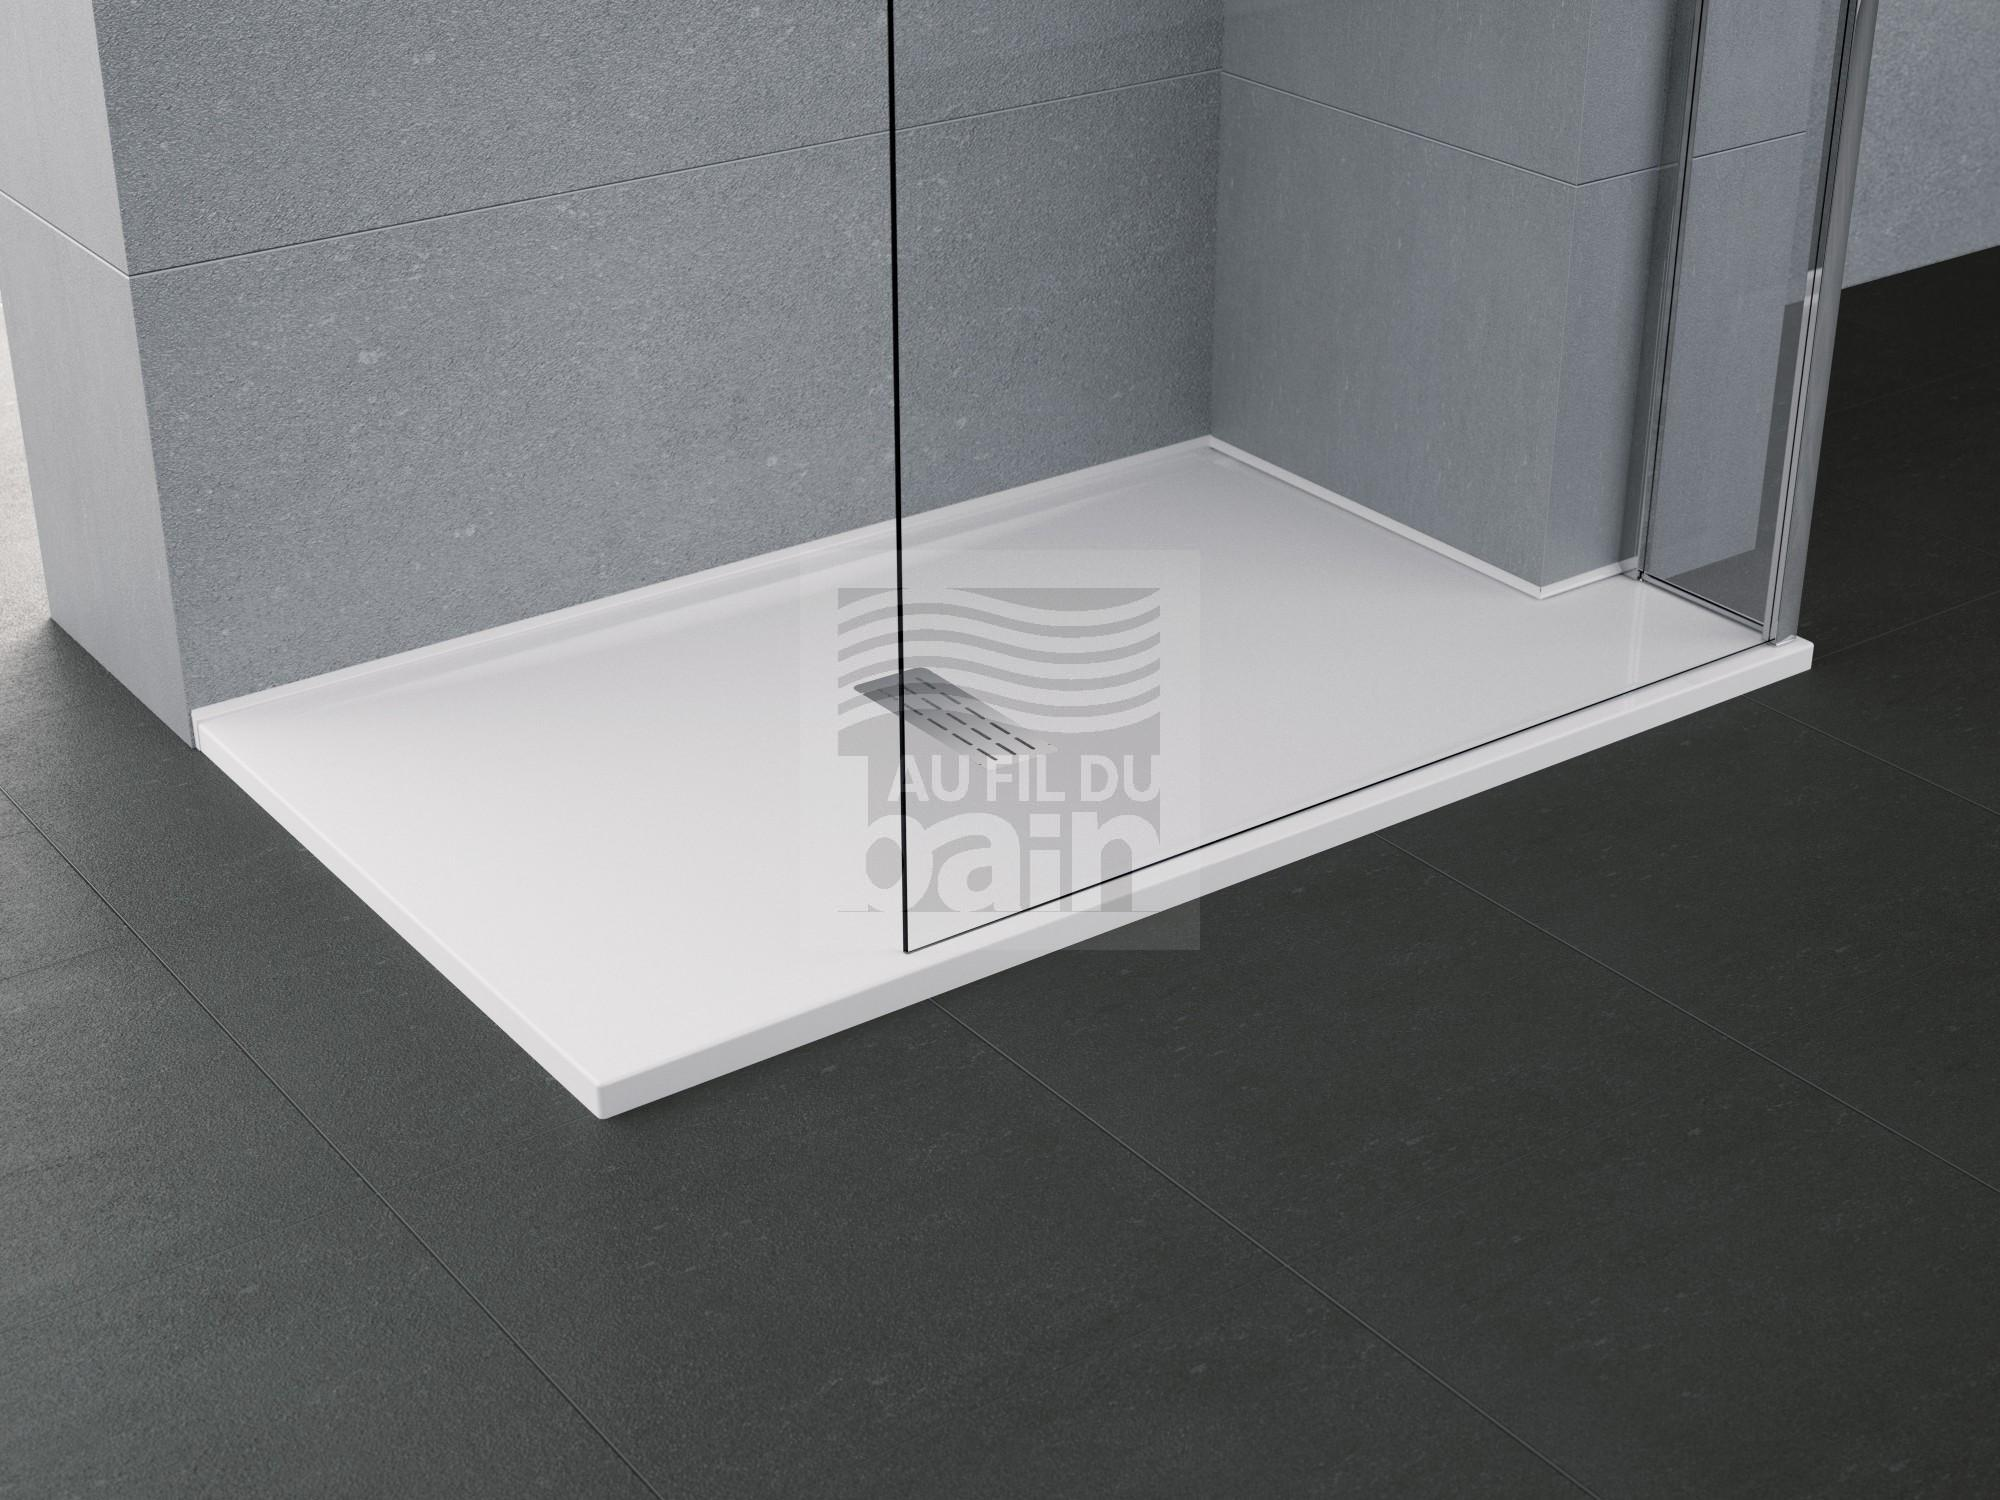 receveurs de douche extra plat en acrylique magasin pour vente de meubles de salle de bains. Black Bedroom Furniture Sets. Home Design Ideas